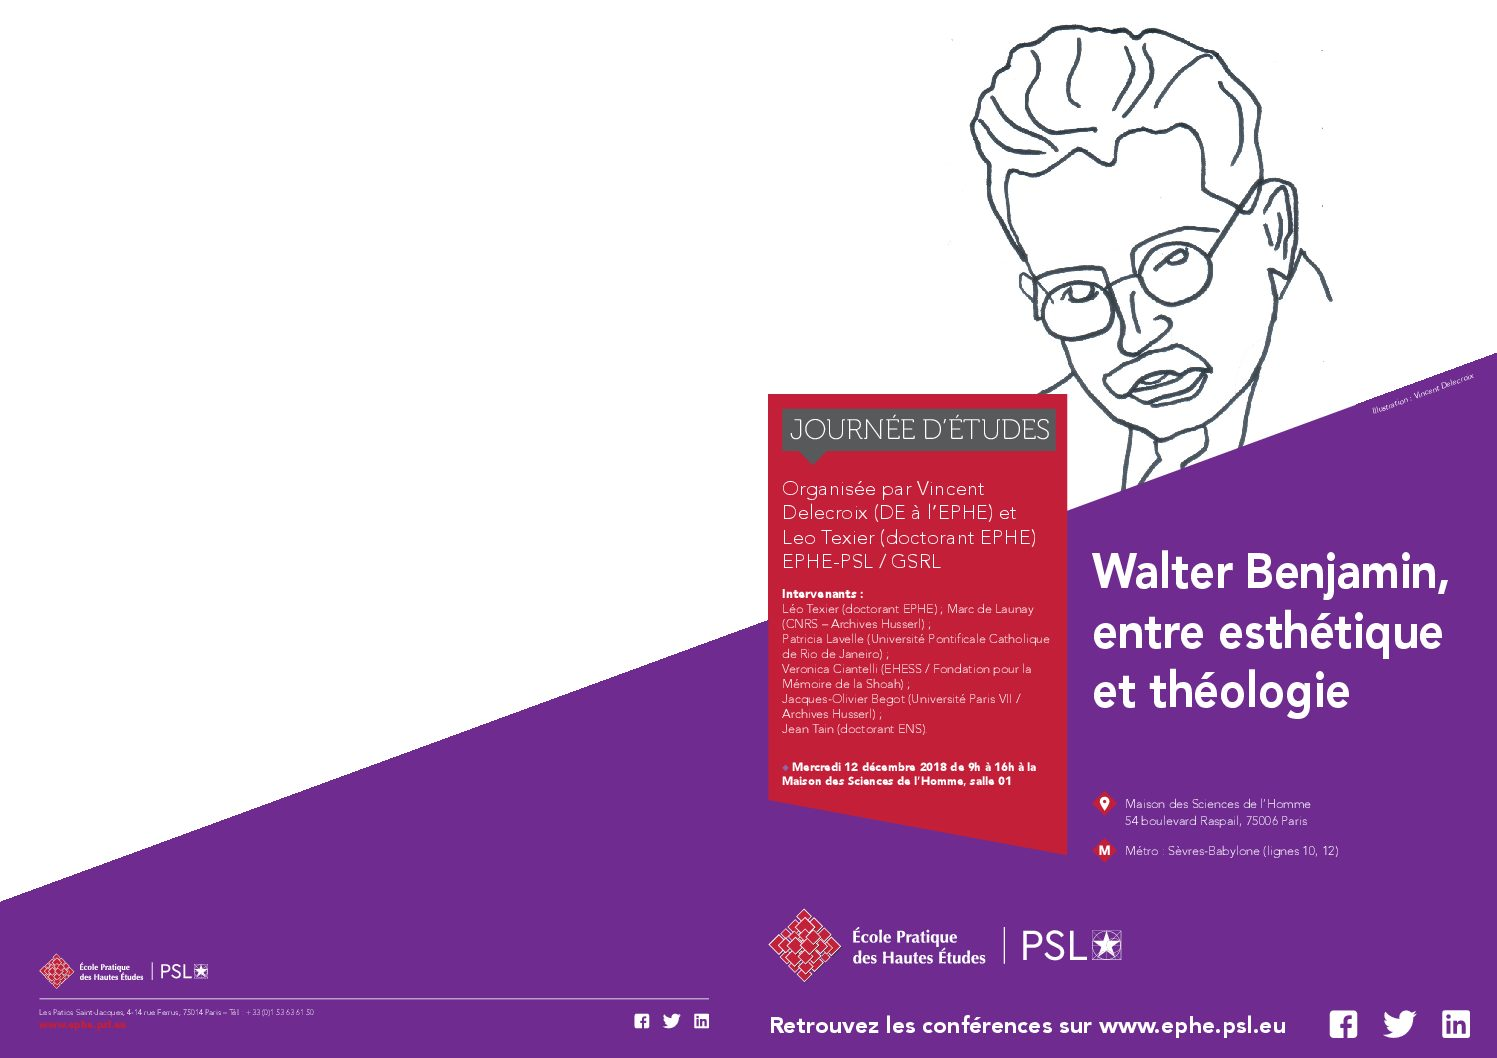 """Mercredi 12 décembre 2018 – Journée d'études : """"Walter Benjamin, entre esthétique et théologie"""